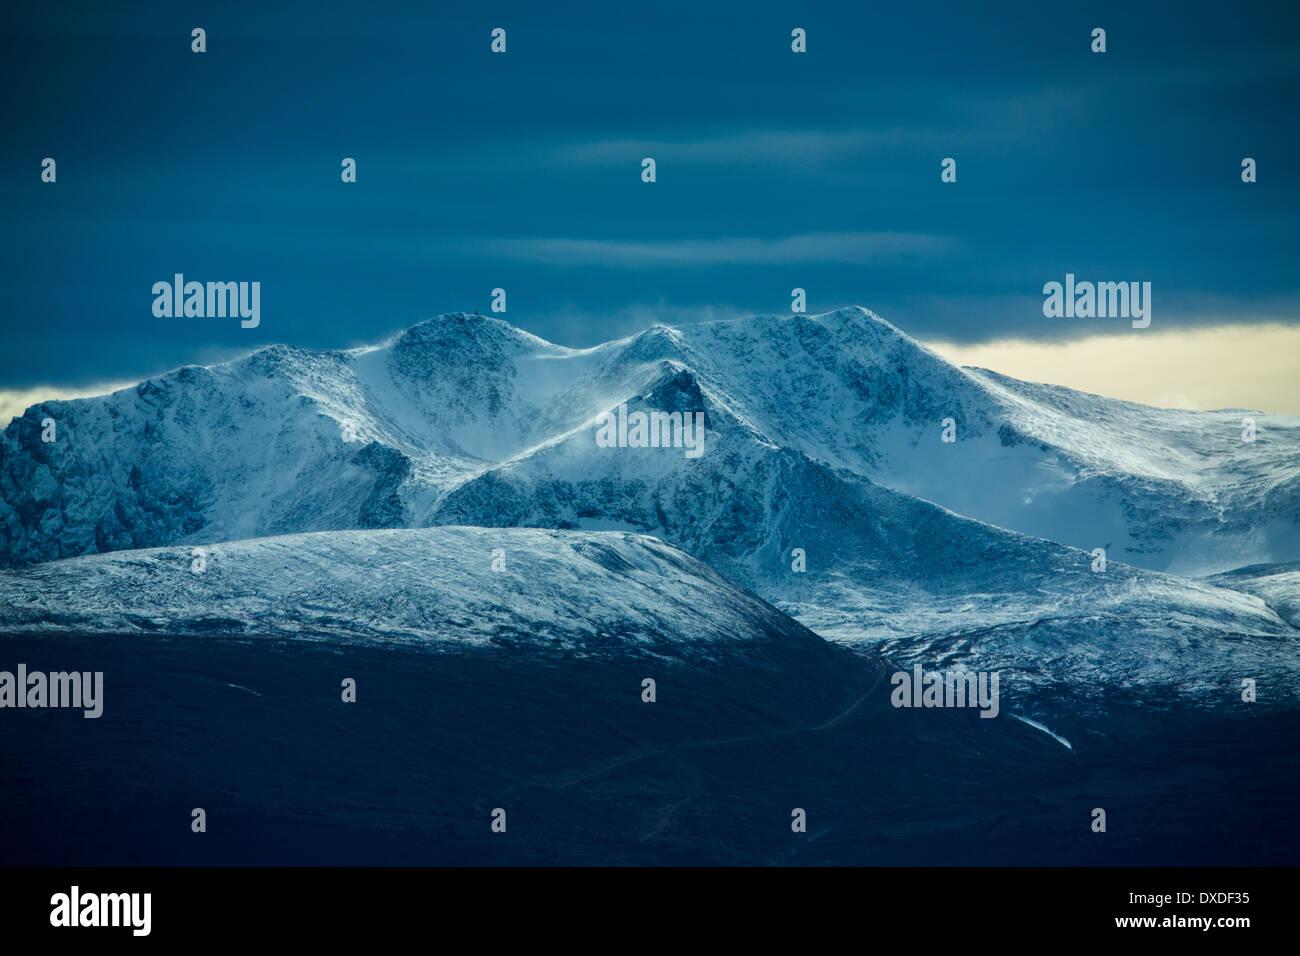 Montana Montaña, nr Carcross, Yukon territorios, Canadá Imagen De Stock